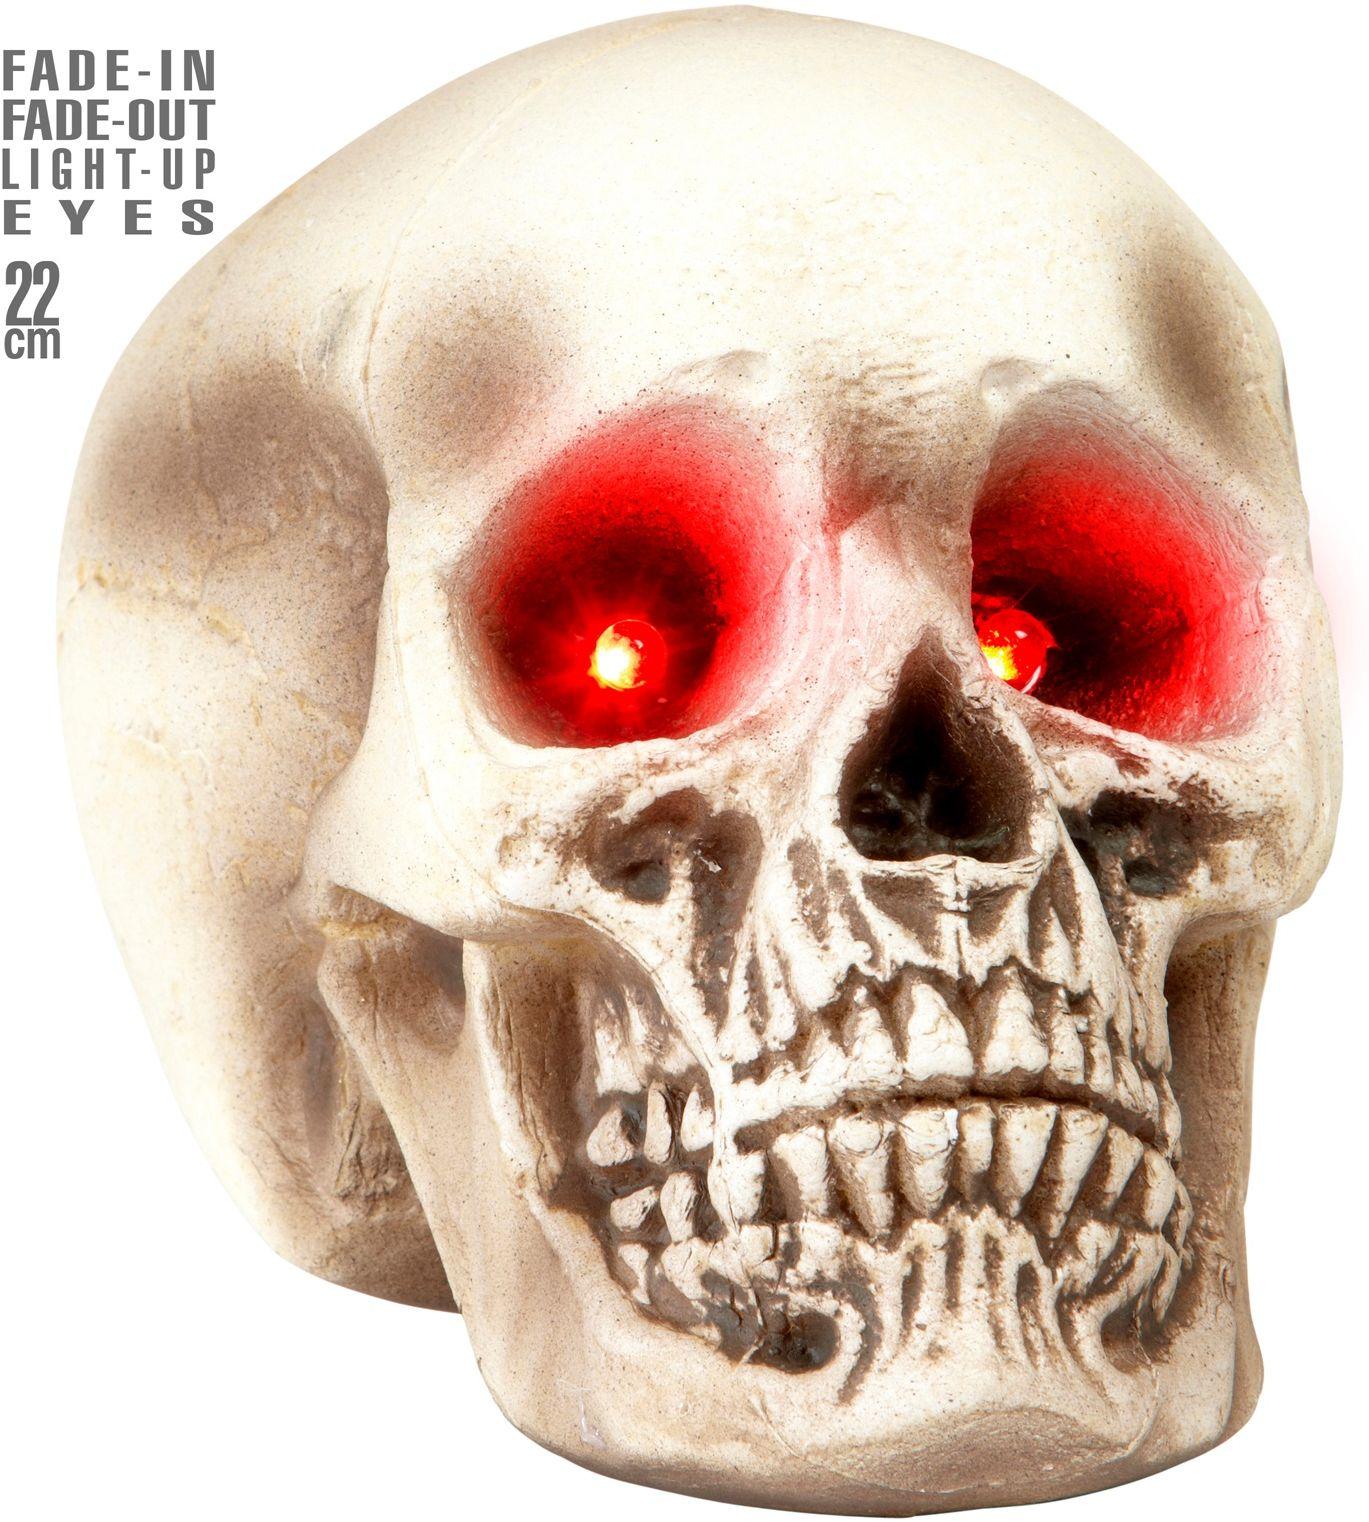 Doodshoofd met oogverlichting